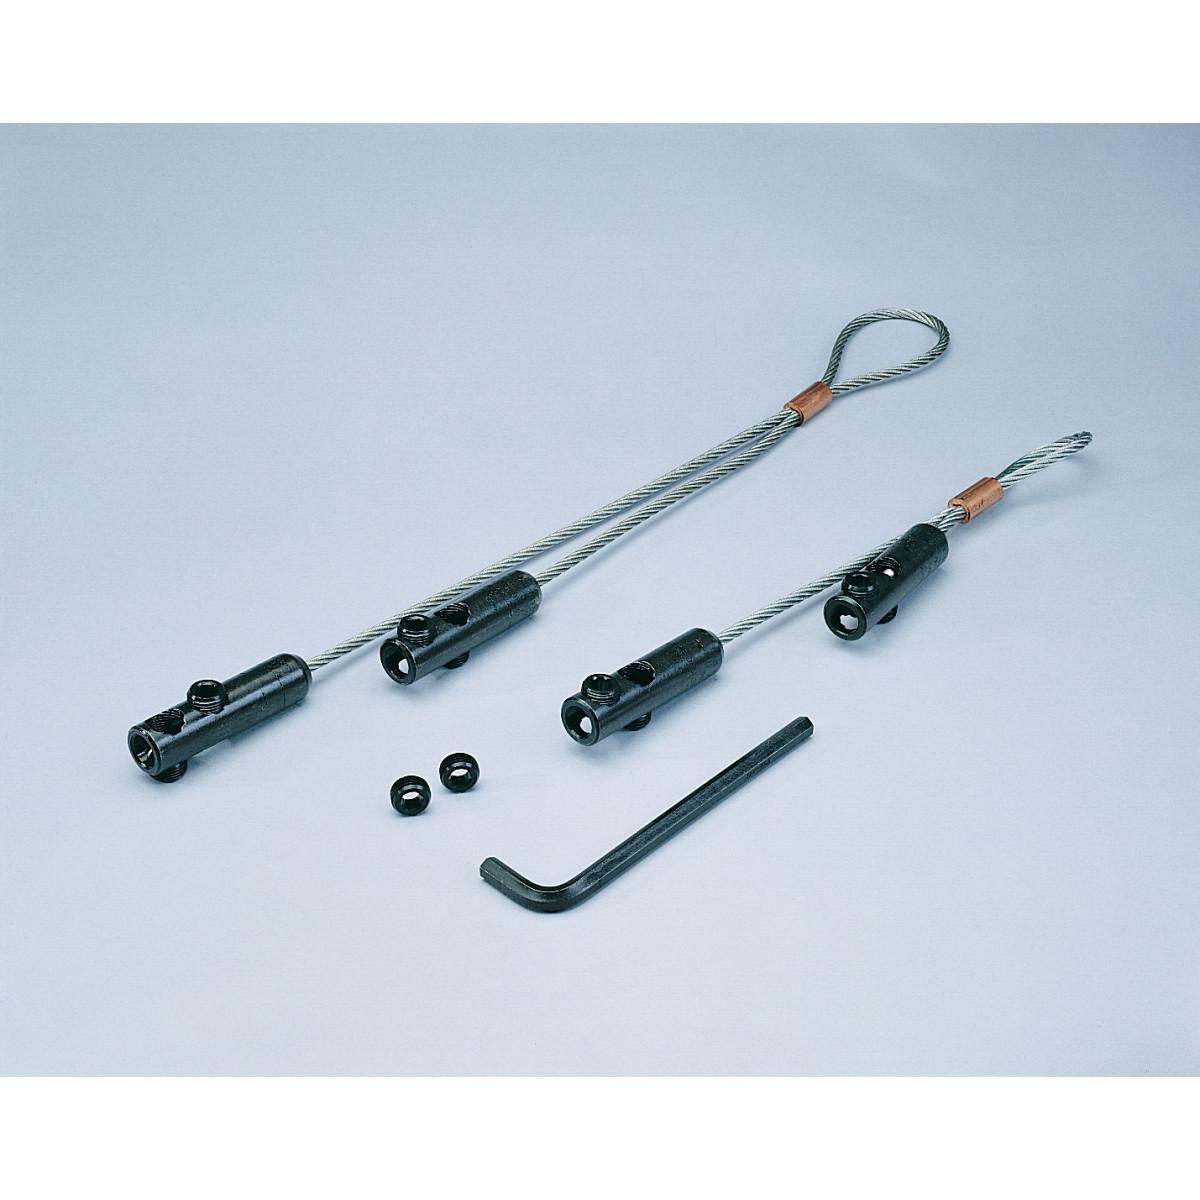 Greenlee 624 Grip-Wire (624)